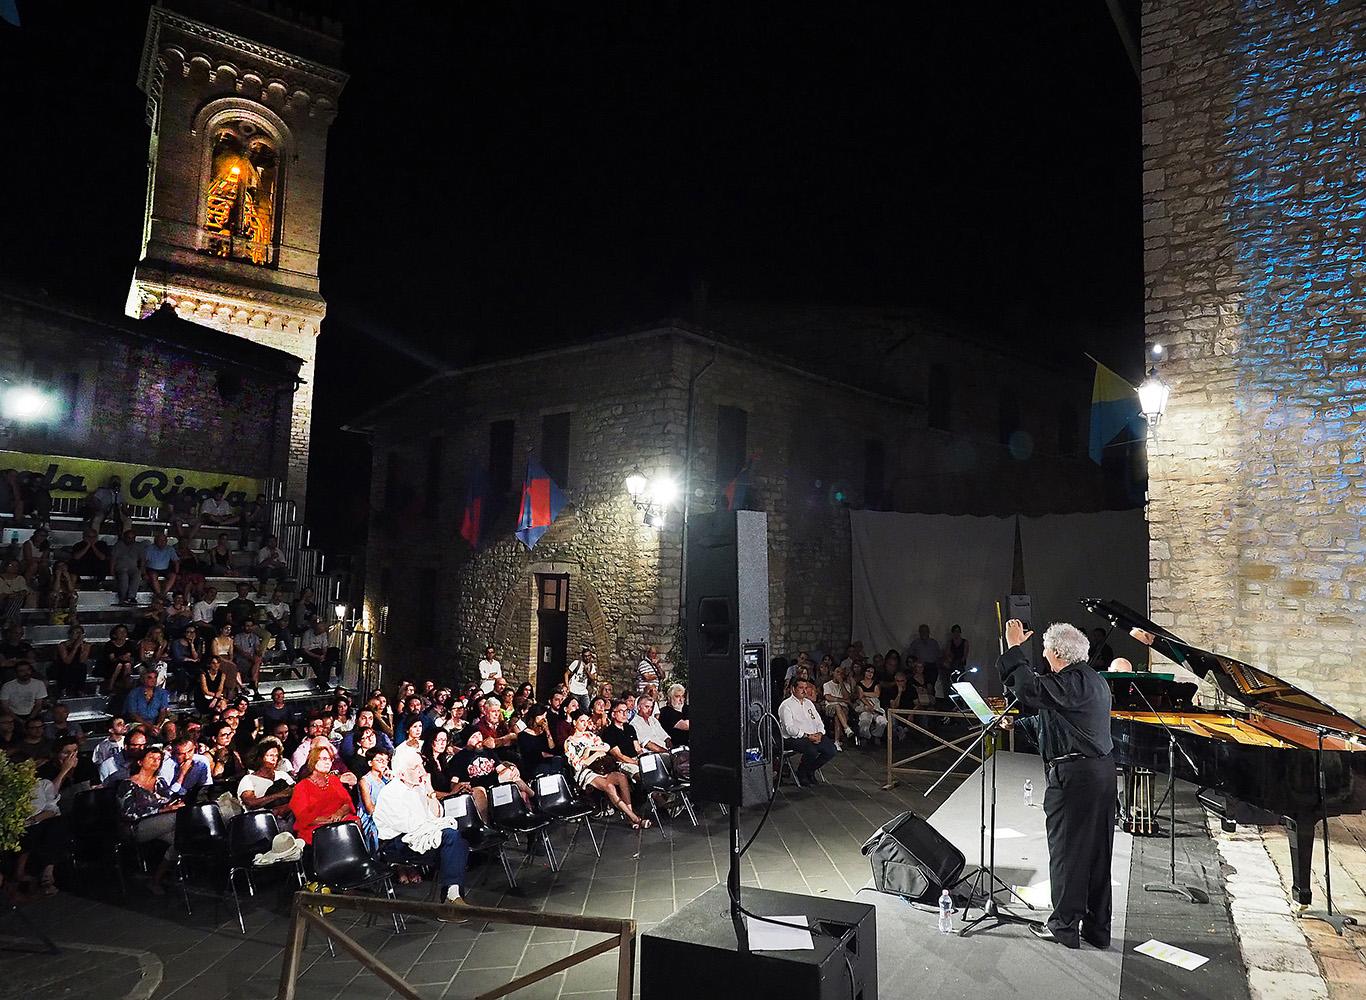 Corciano Festival: mercoledì 8 agosto ancora teatro, musica e <b>arte</b>. Continua la sezione letteraria ...